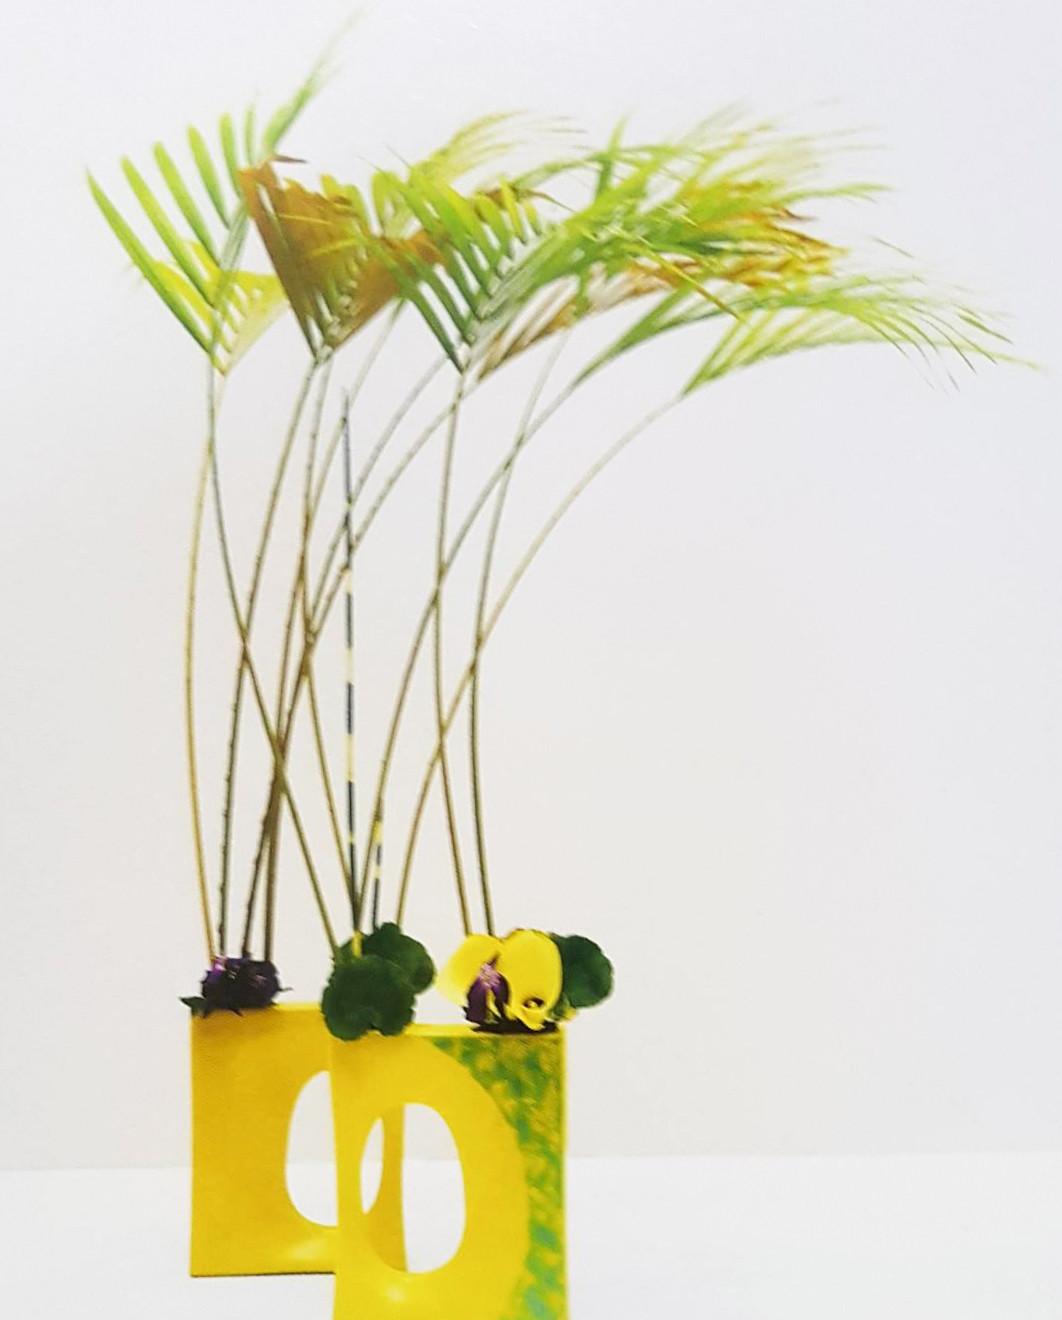 2007 年得獎作品「靚風」(自由花)。